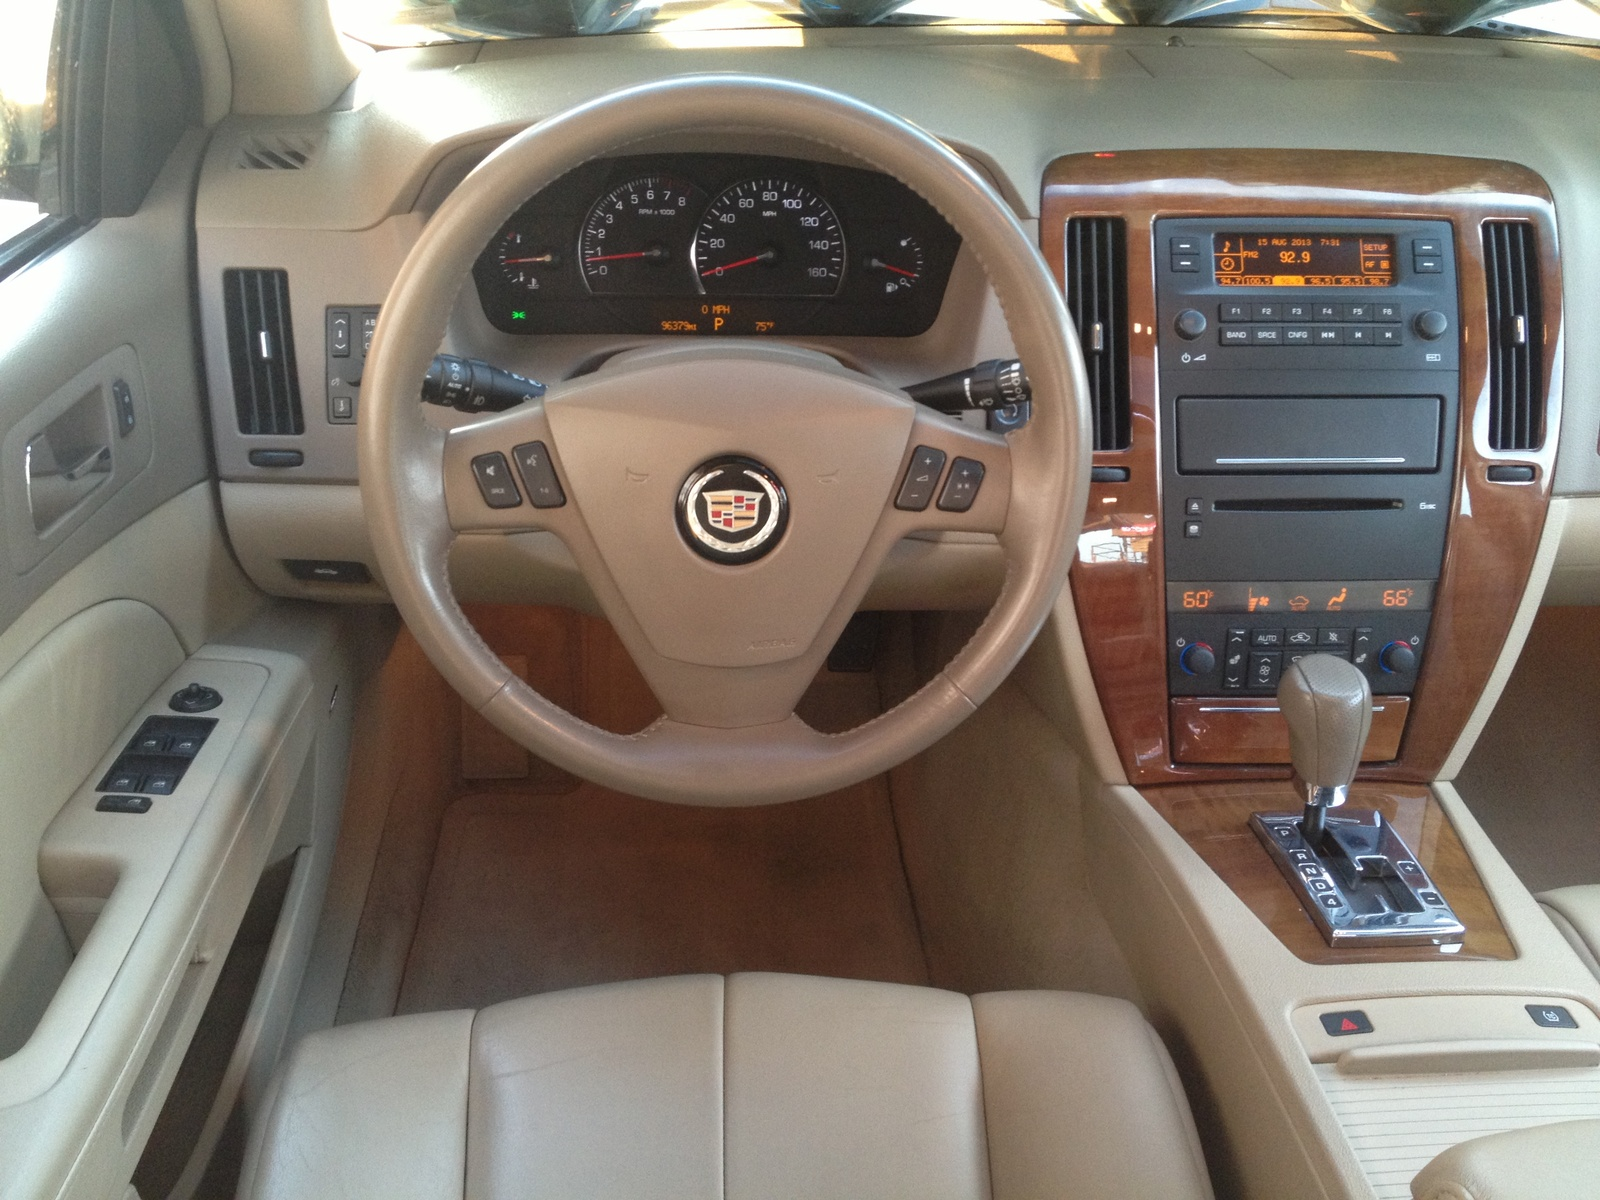 2005 Cadillac Sts Interior Pictures Cargurus